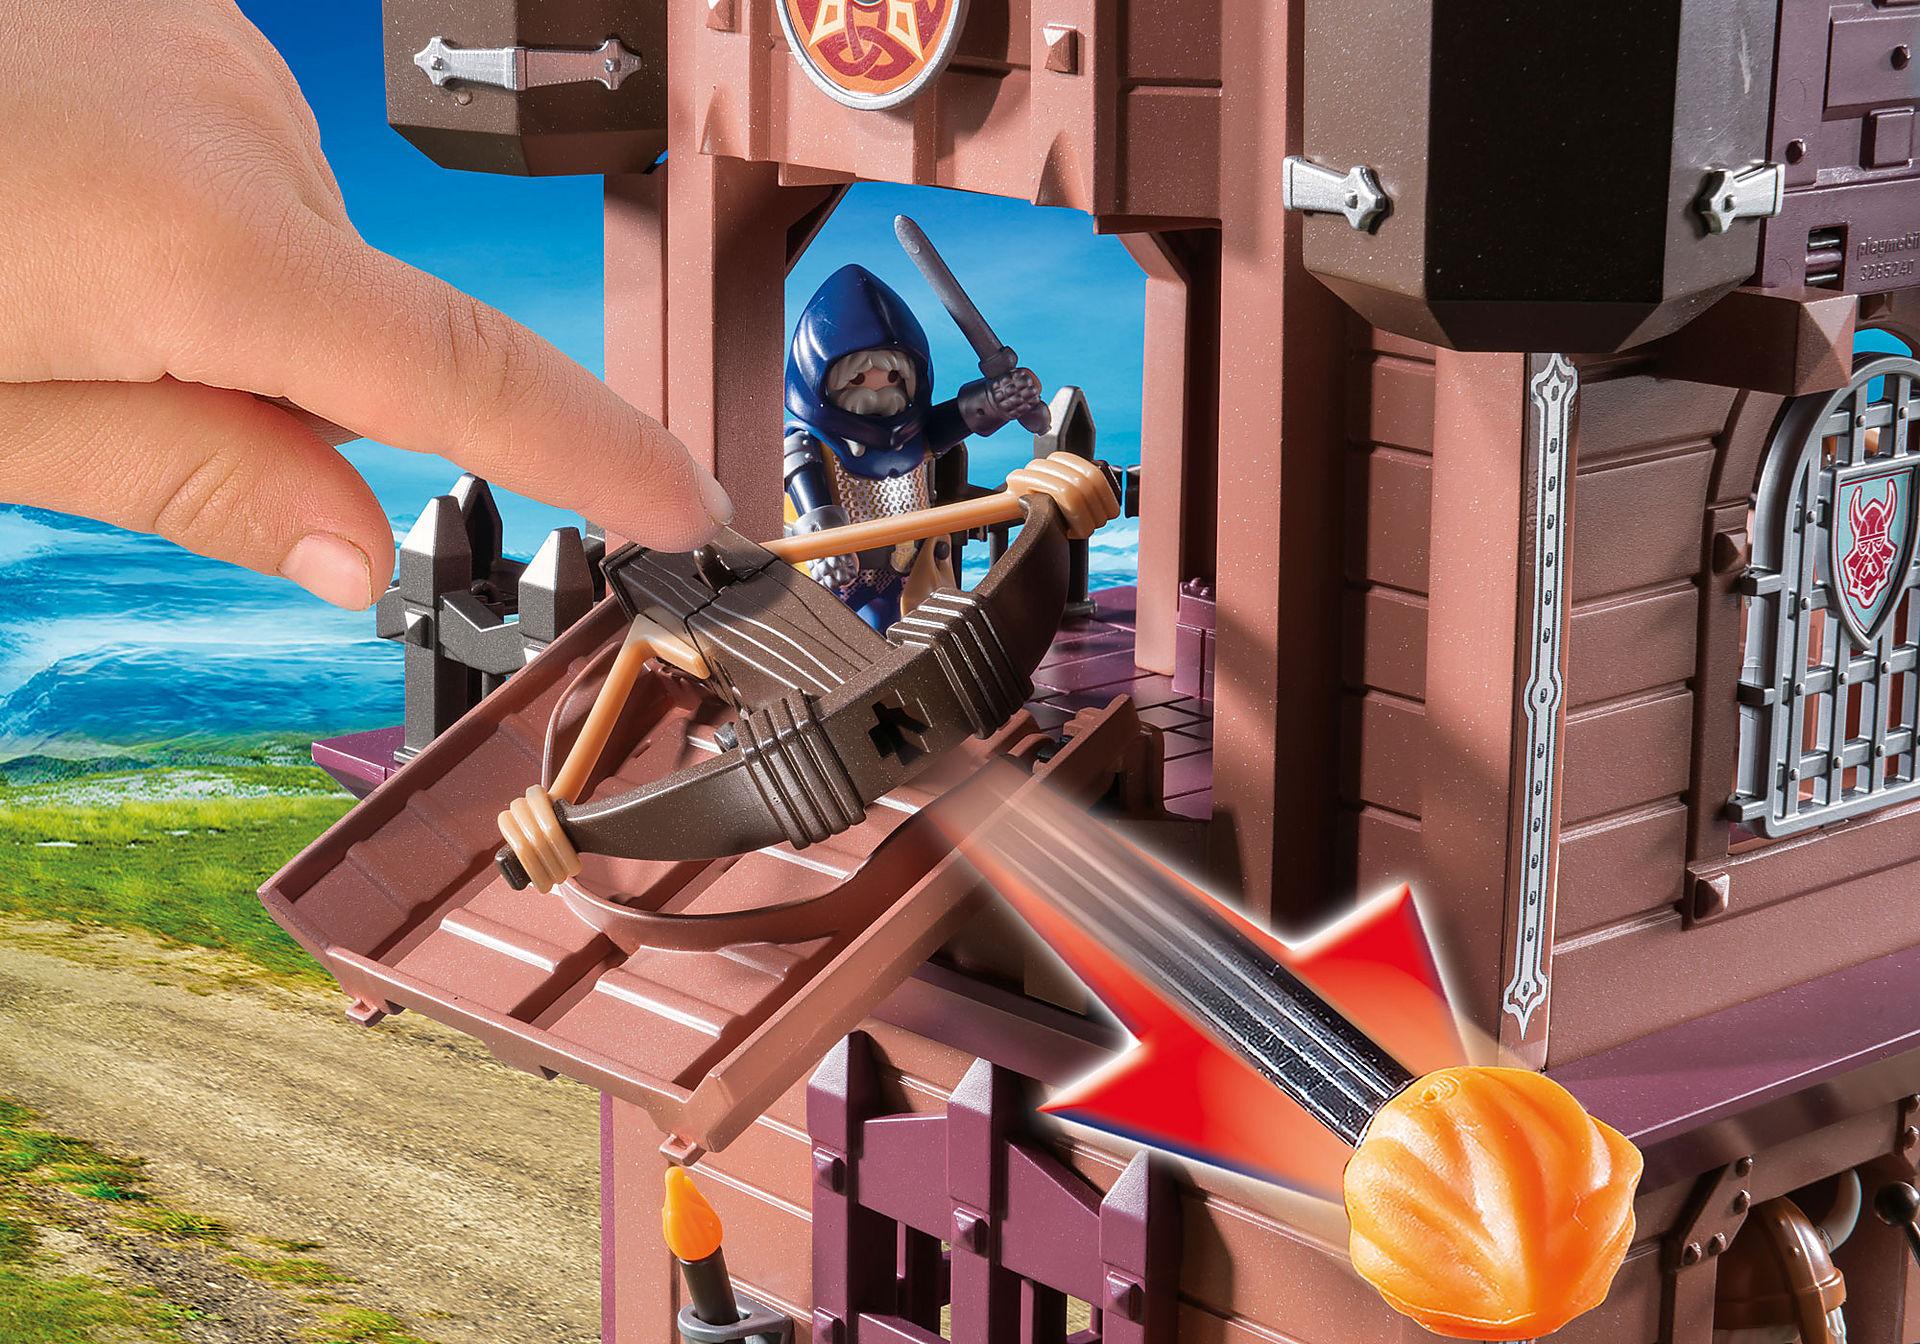 http://media.playmobil.com/i/playmobil/9340_product_extra2/Dvärgfästning på hjul